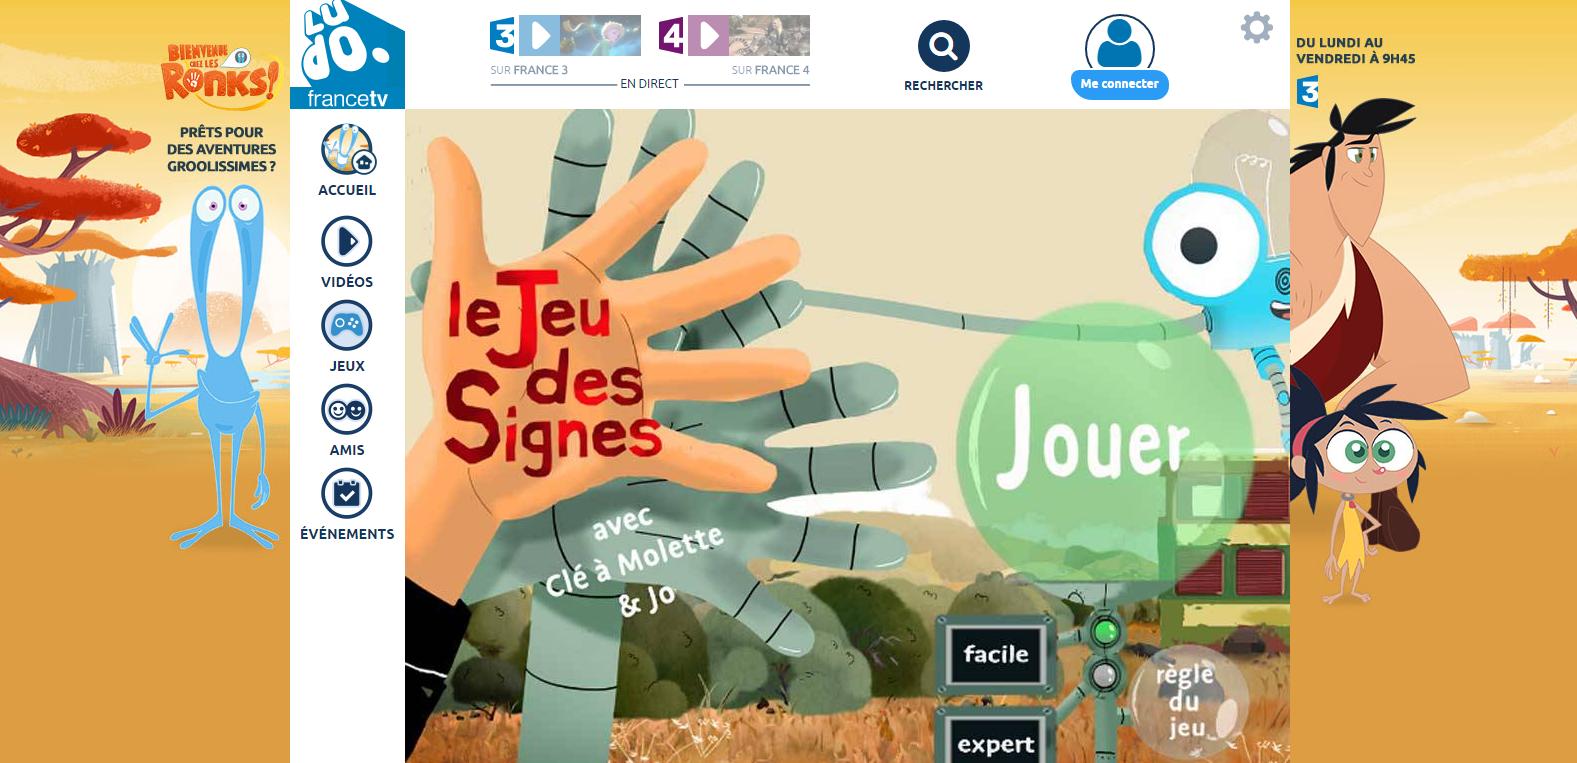 Epingle Sur Club Des Linguistes